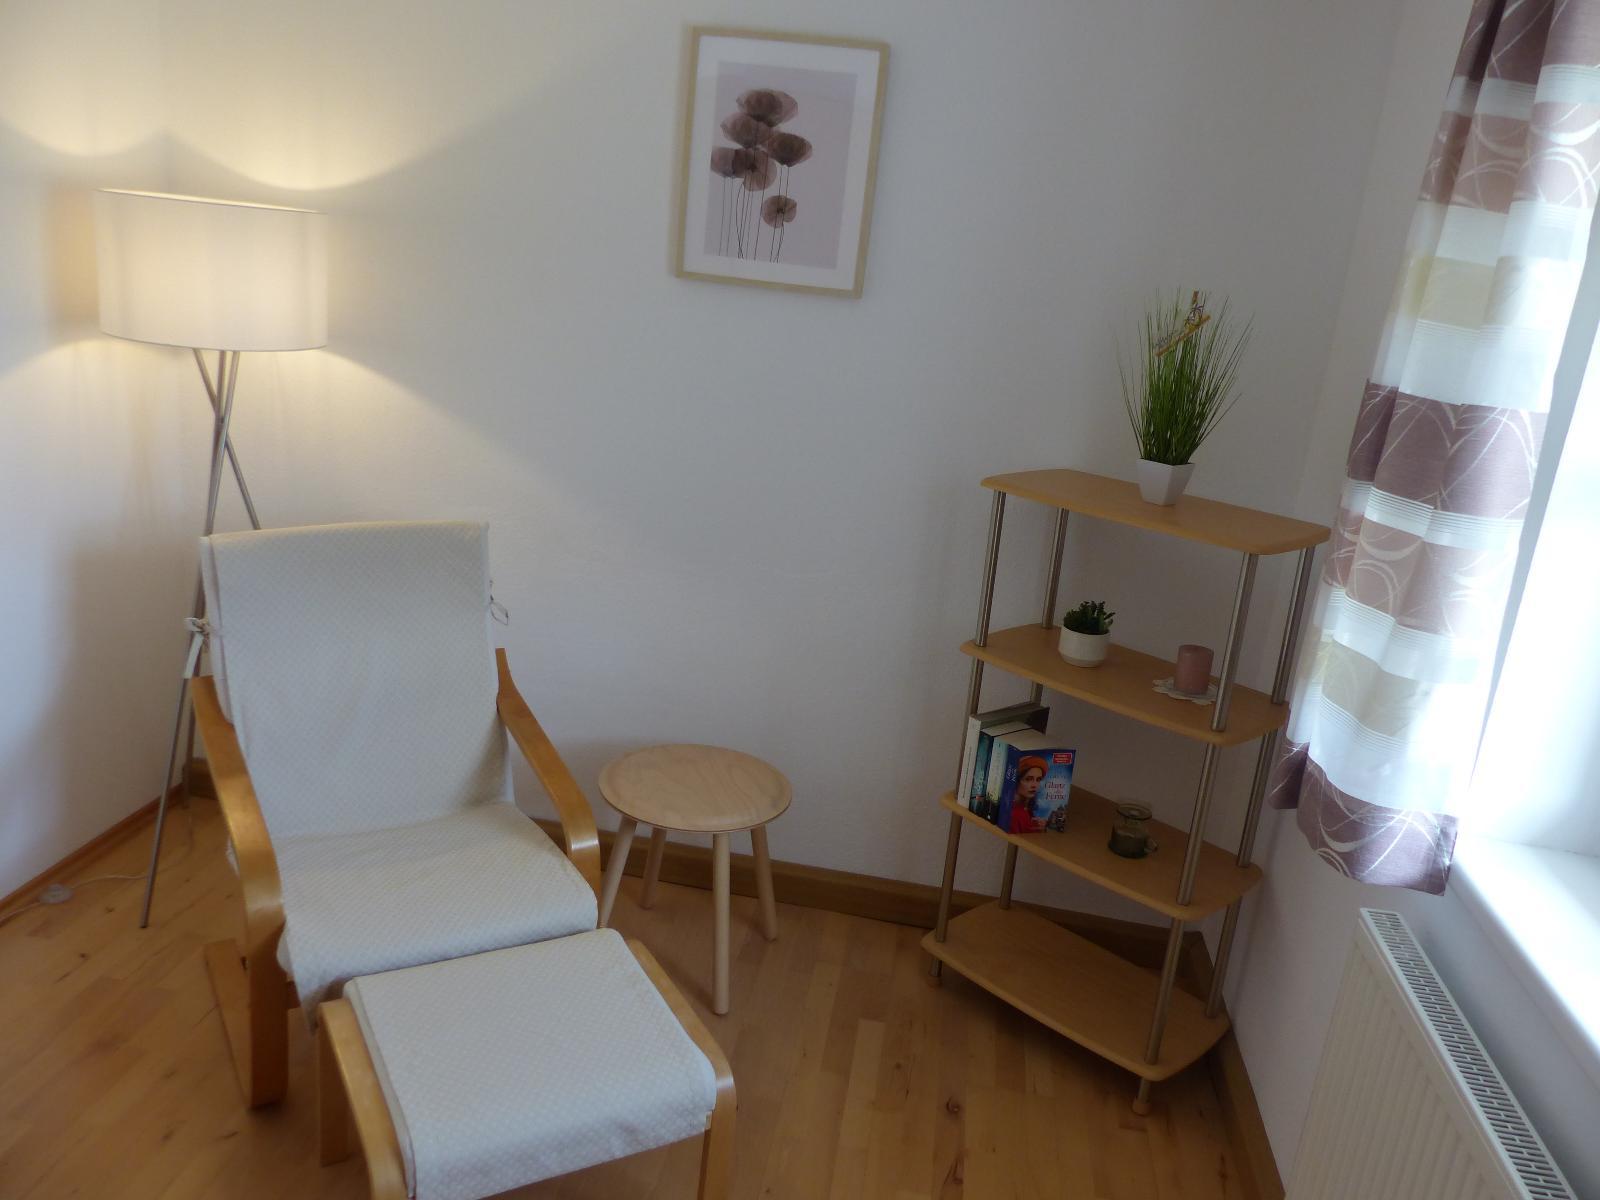 Ferienwohnungen Reitinger in Tiefenbach/OPf.